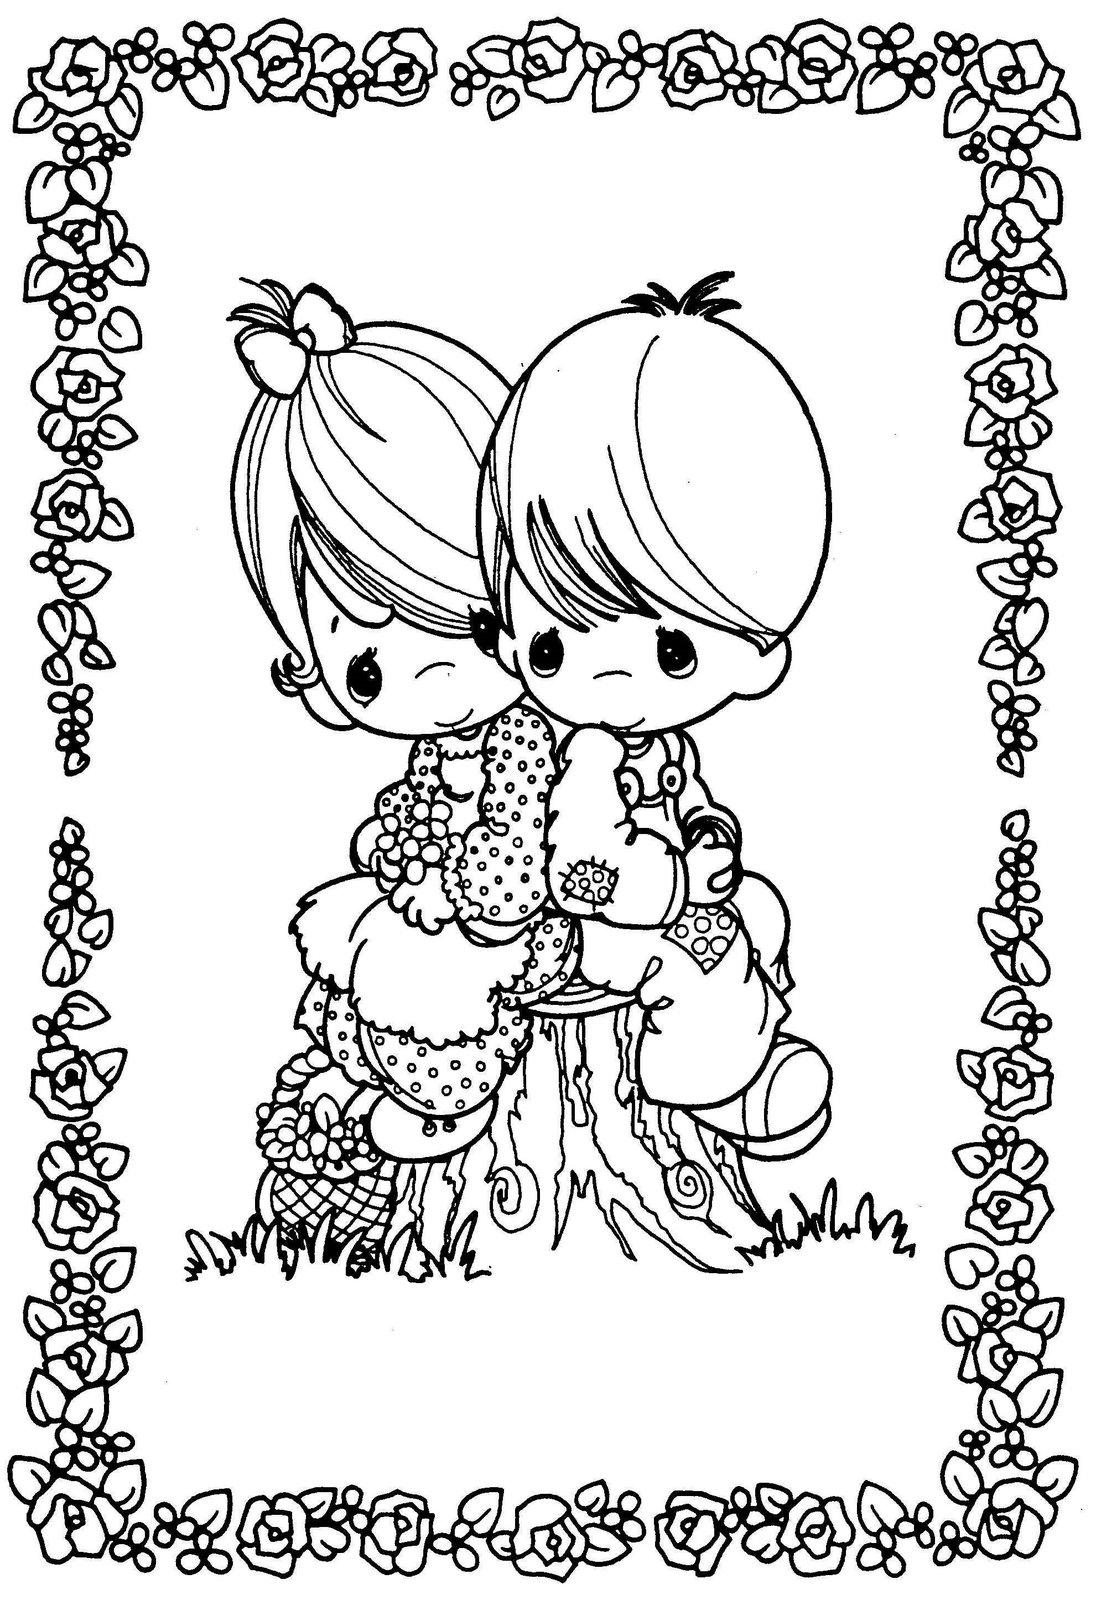 Mi amor coloring pages ~ Imagenes de amor para pintar   Imagenes De Amor